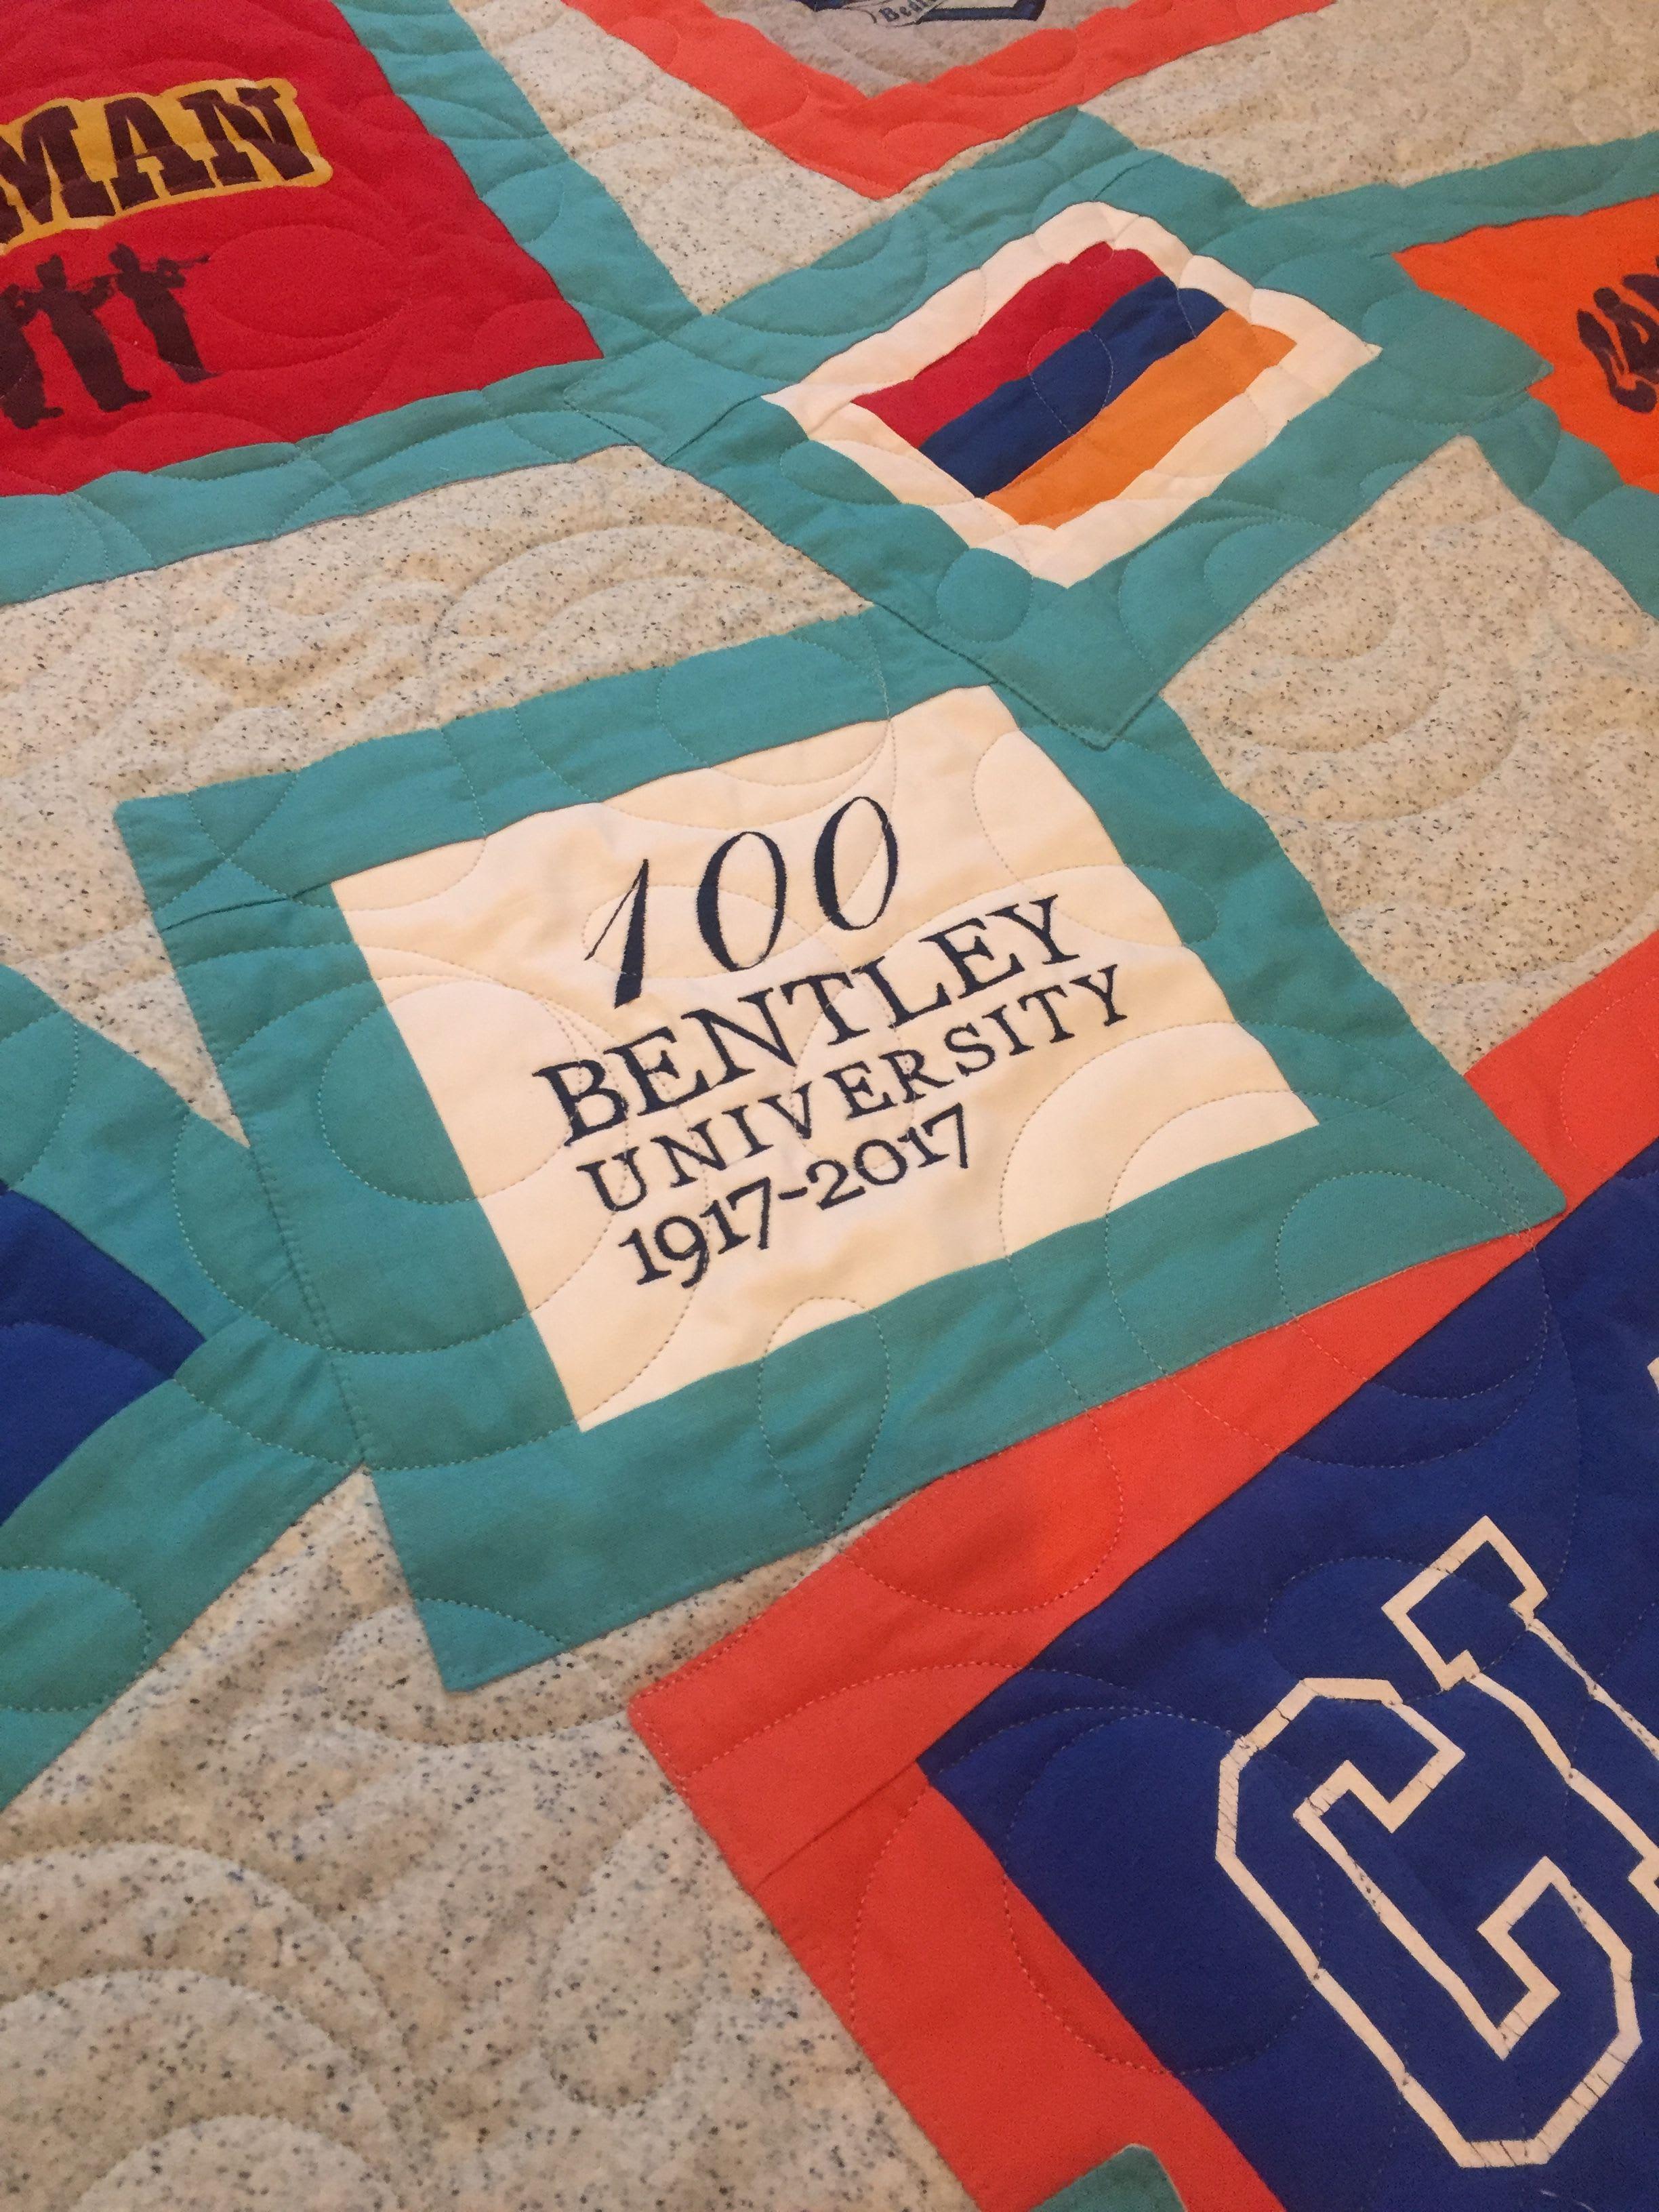 Bentley College Graduation Quilt